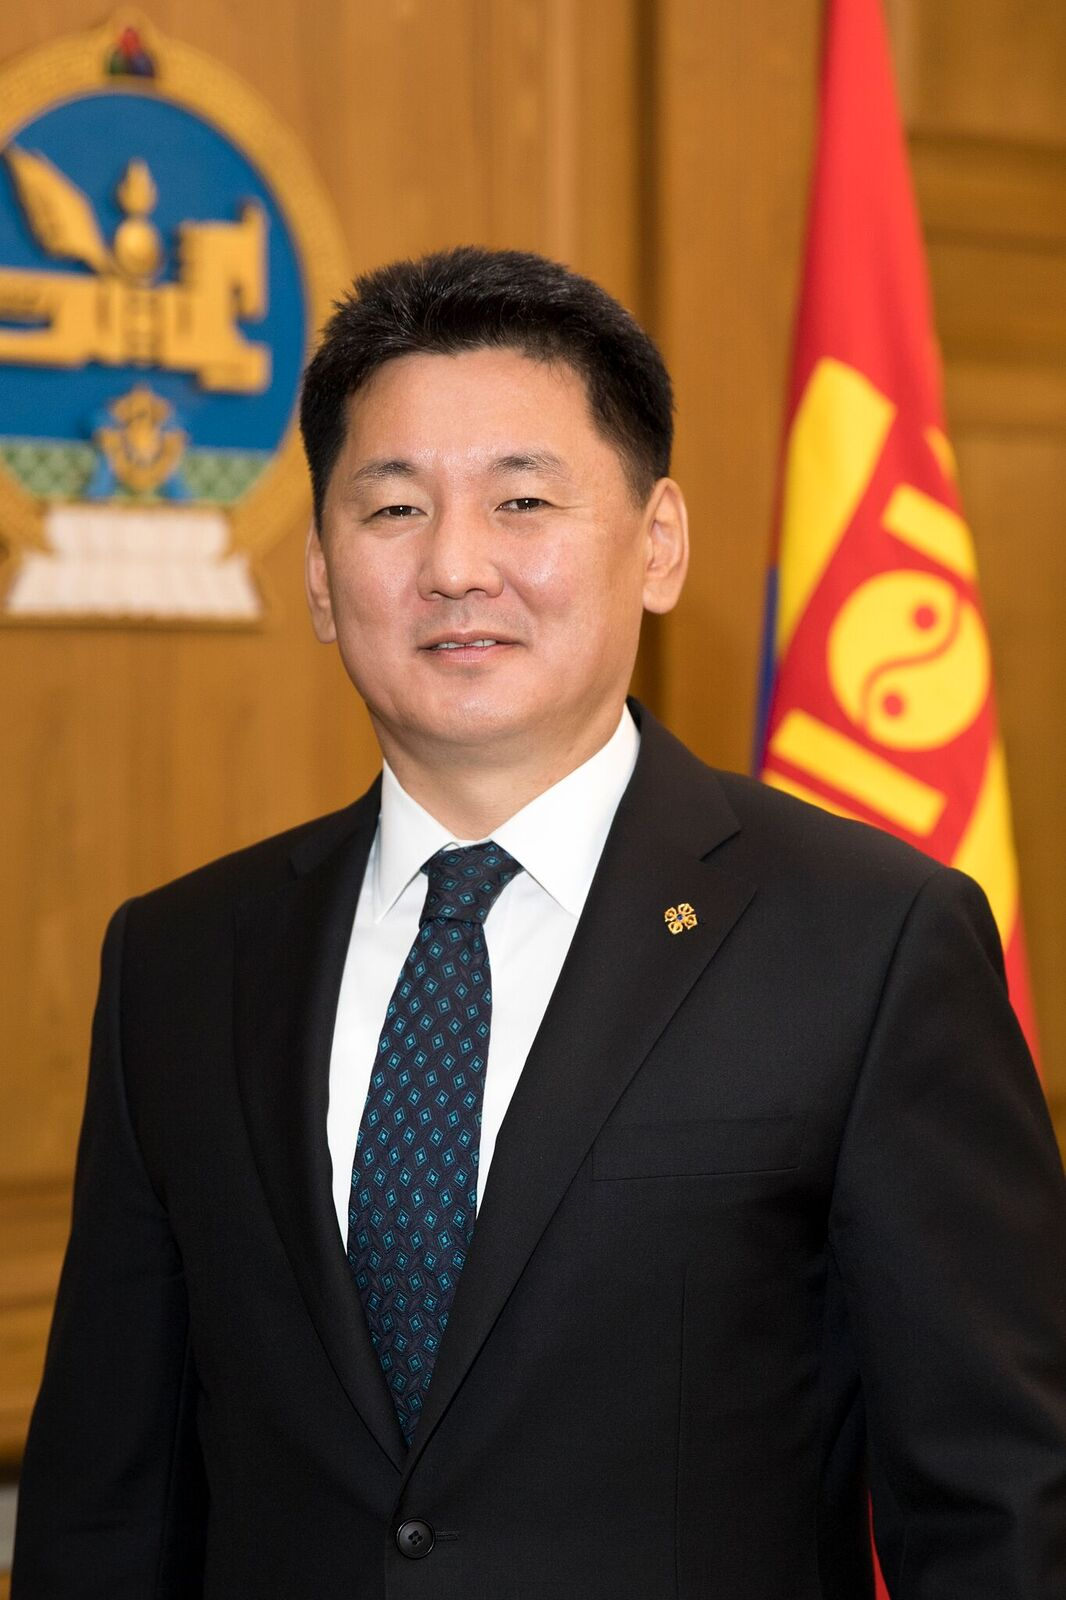 Монгол Улсын Ерөнхий сайд У.Хүрэлсүх БНСУ-д айлчилна